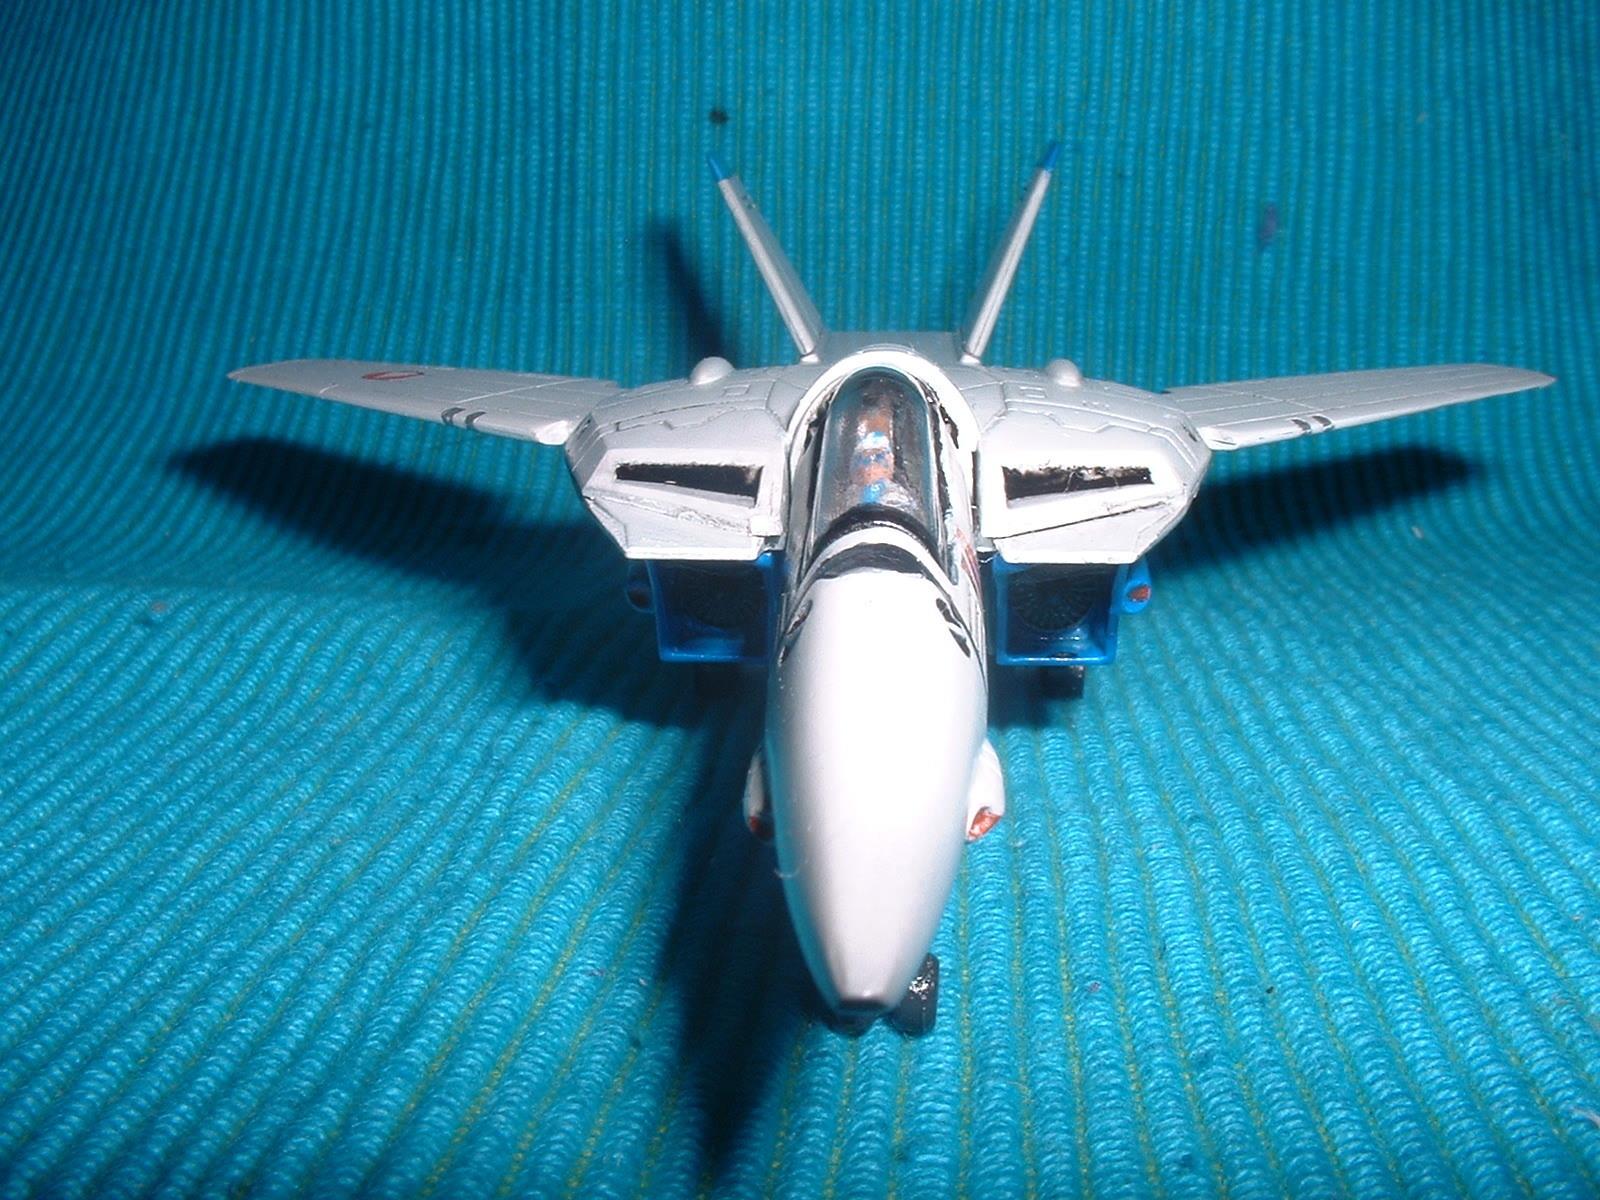 2015.07.22 完成 有井 100分の1 「VF-1Aファイター」その6 Doburoku-TAO.JPG